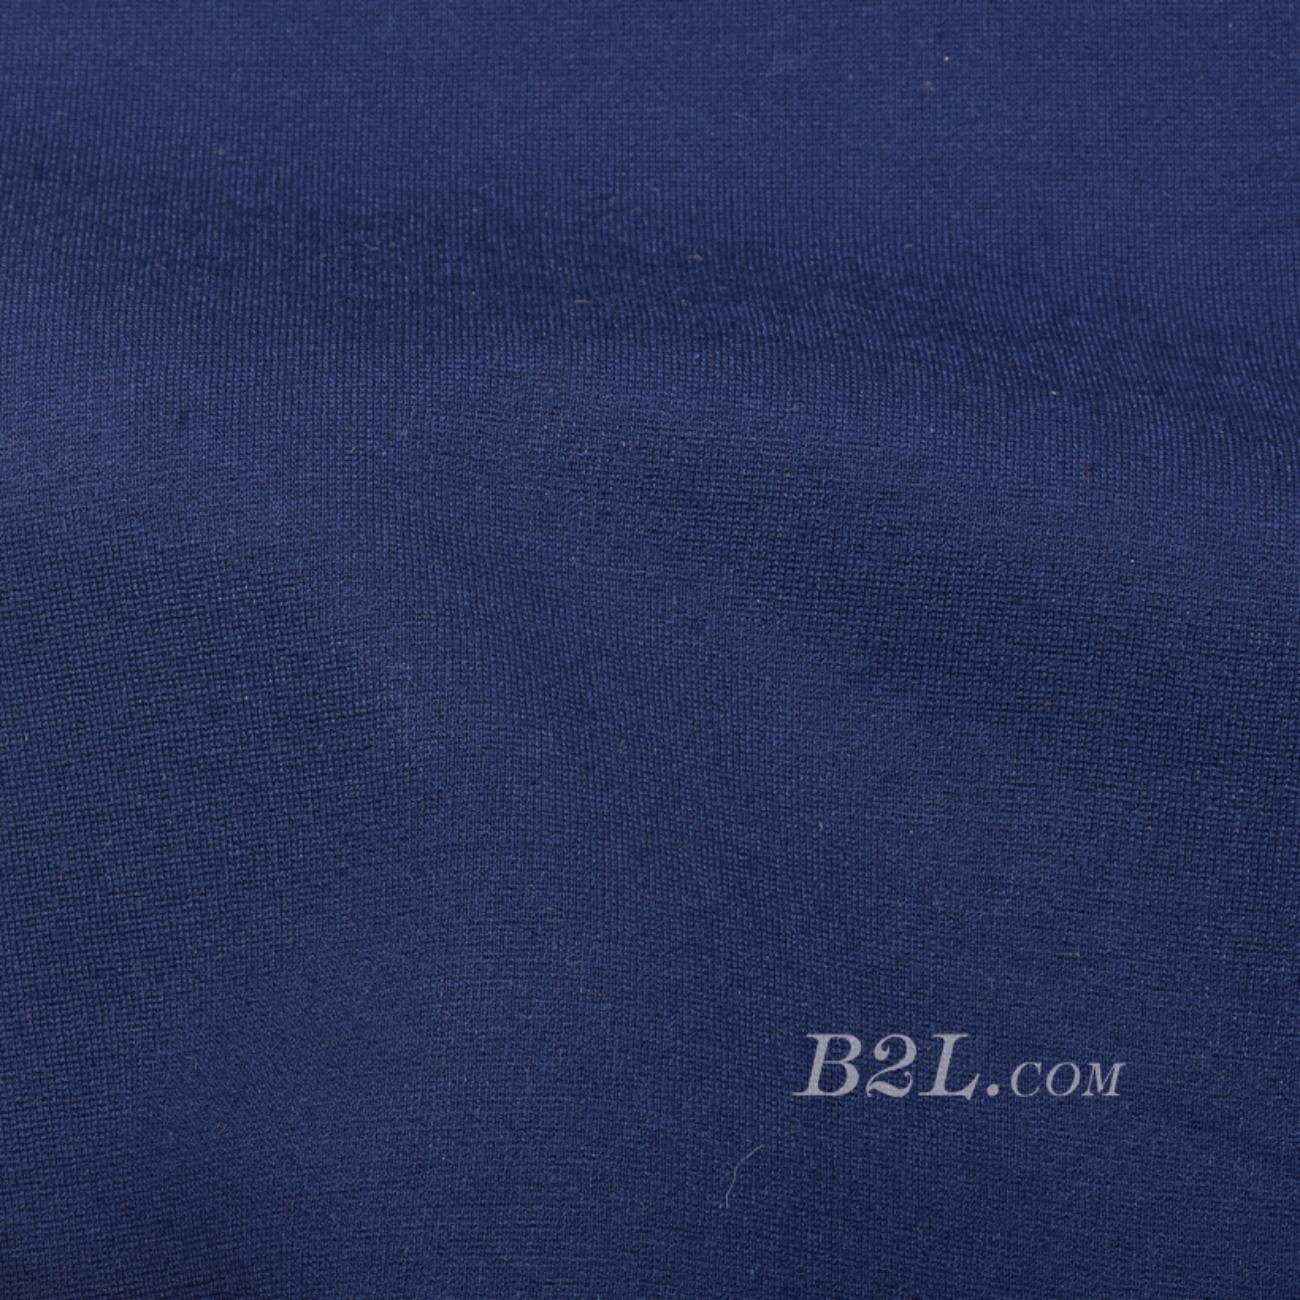 素色 梭织 染色 平纹 低弹 春秋 卫衣  外套 连衣裙 90723-13